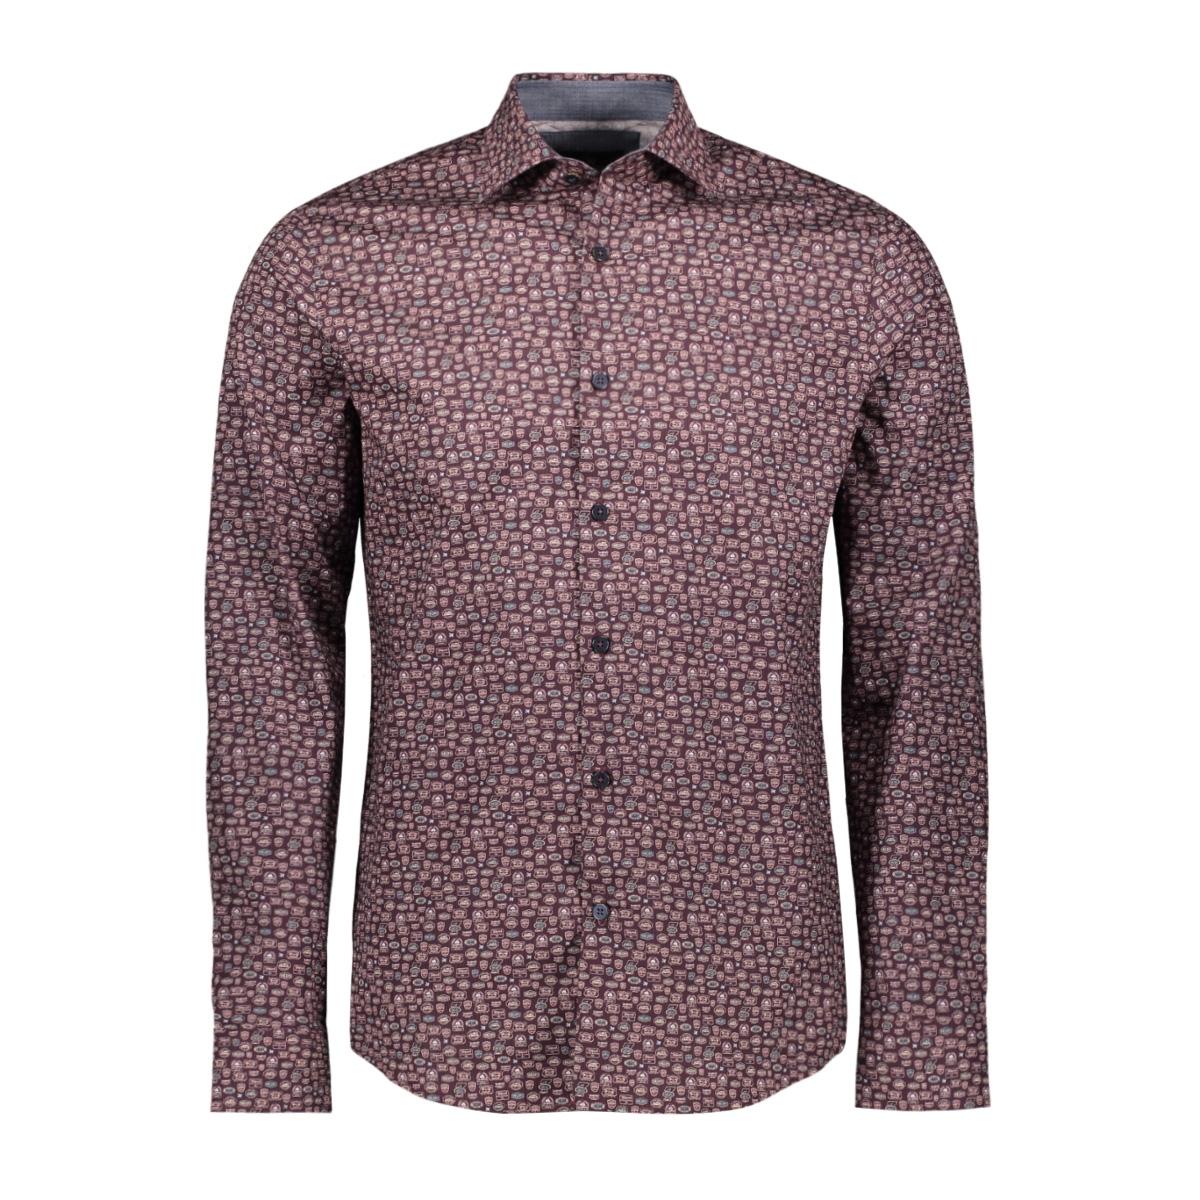 all over printed shirt vsi195400 vanguard overhemd 4343